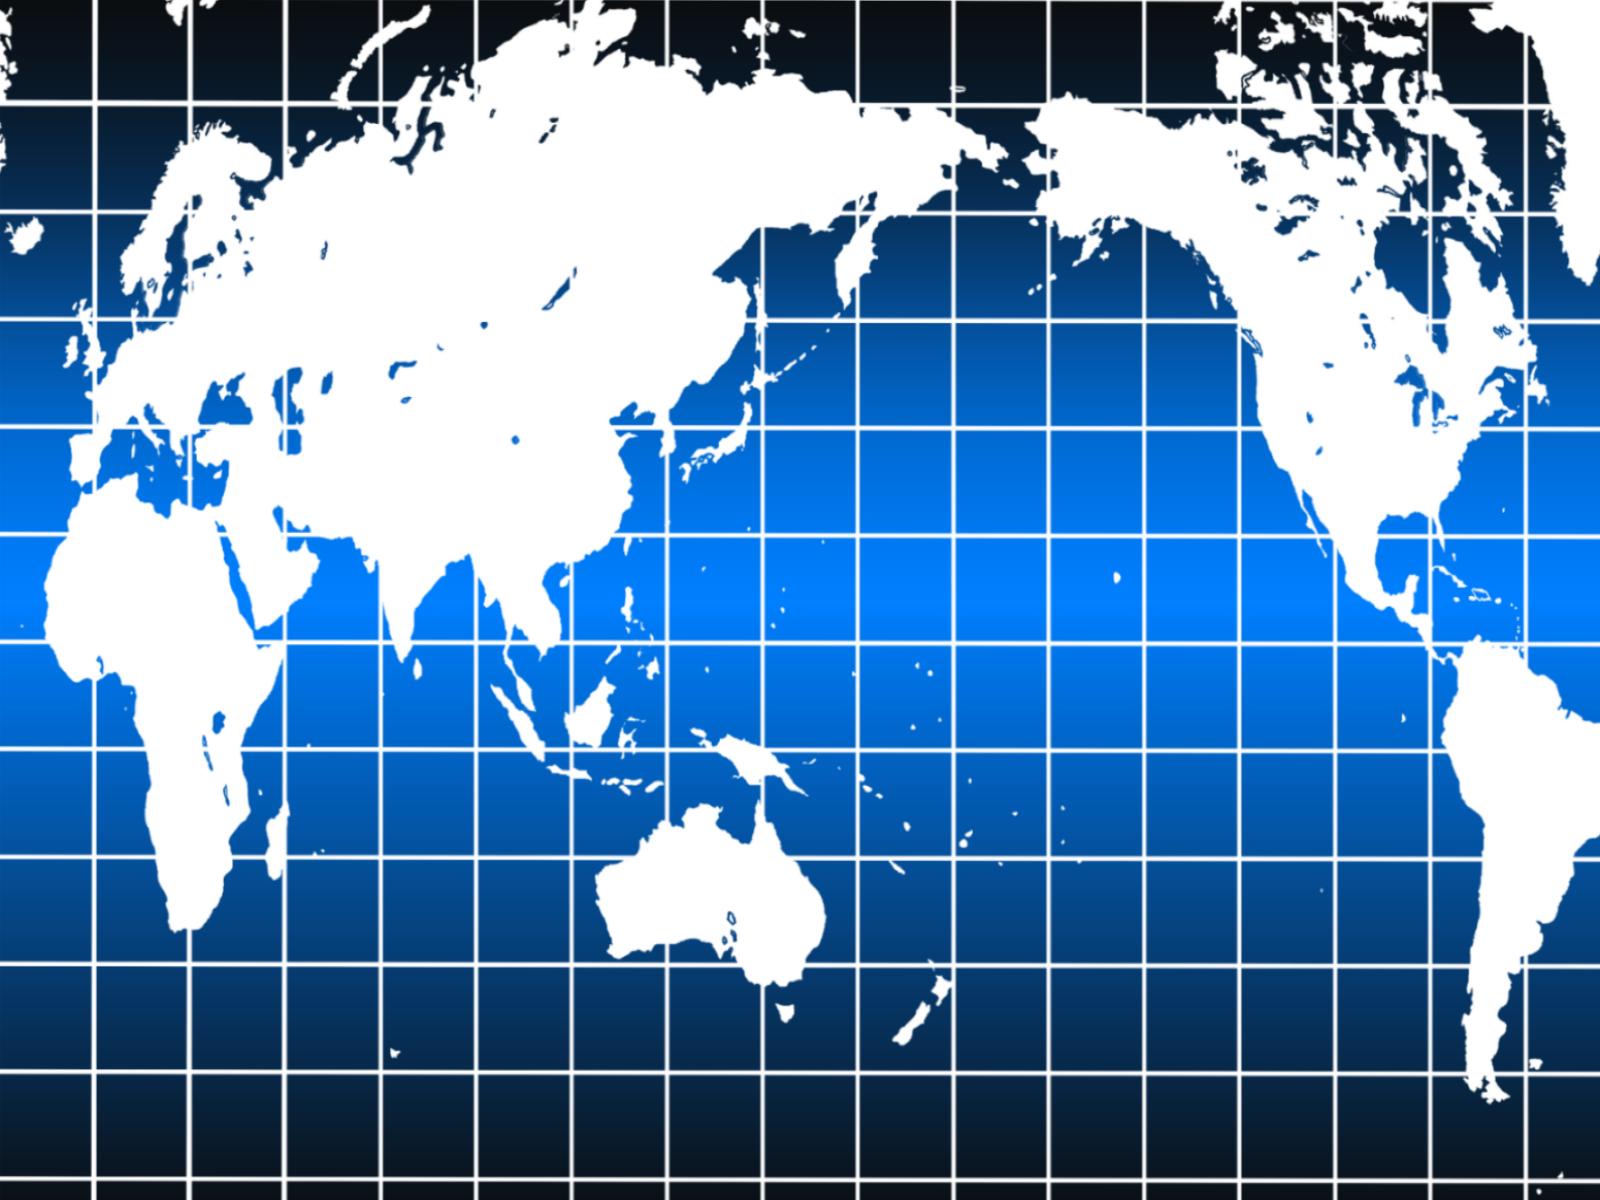 海外生活をして分かった「真の国際感覚」とは